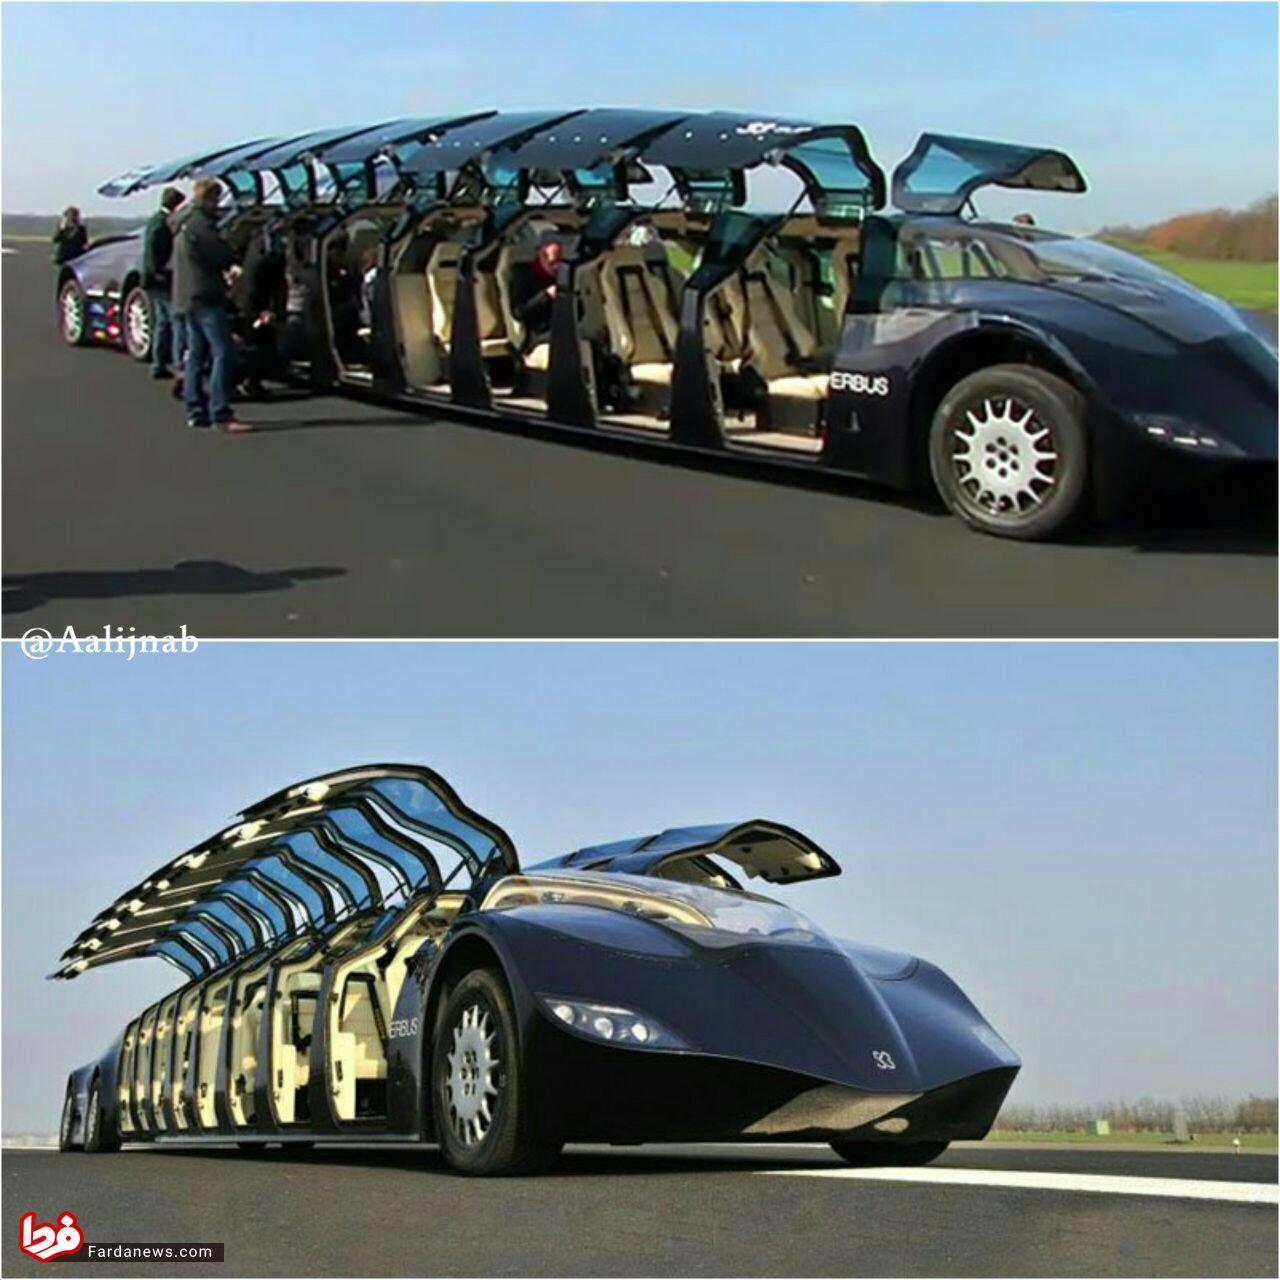 ماشین ۱۵ متری شیخ عرب! + عکس